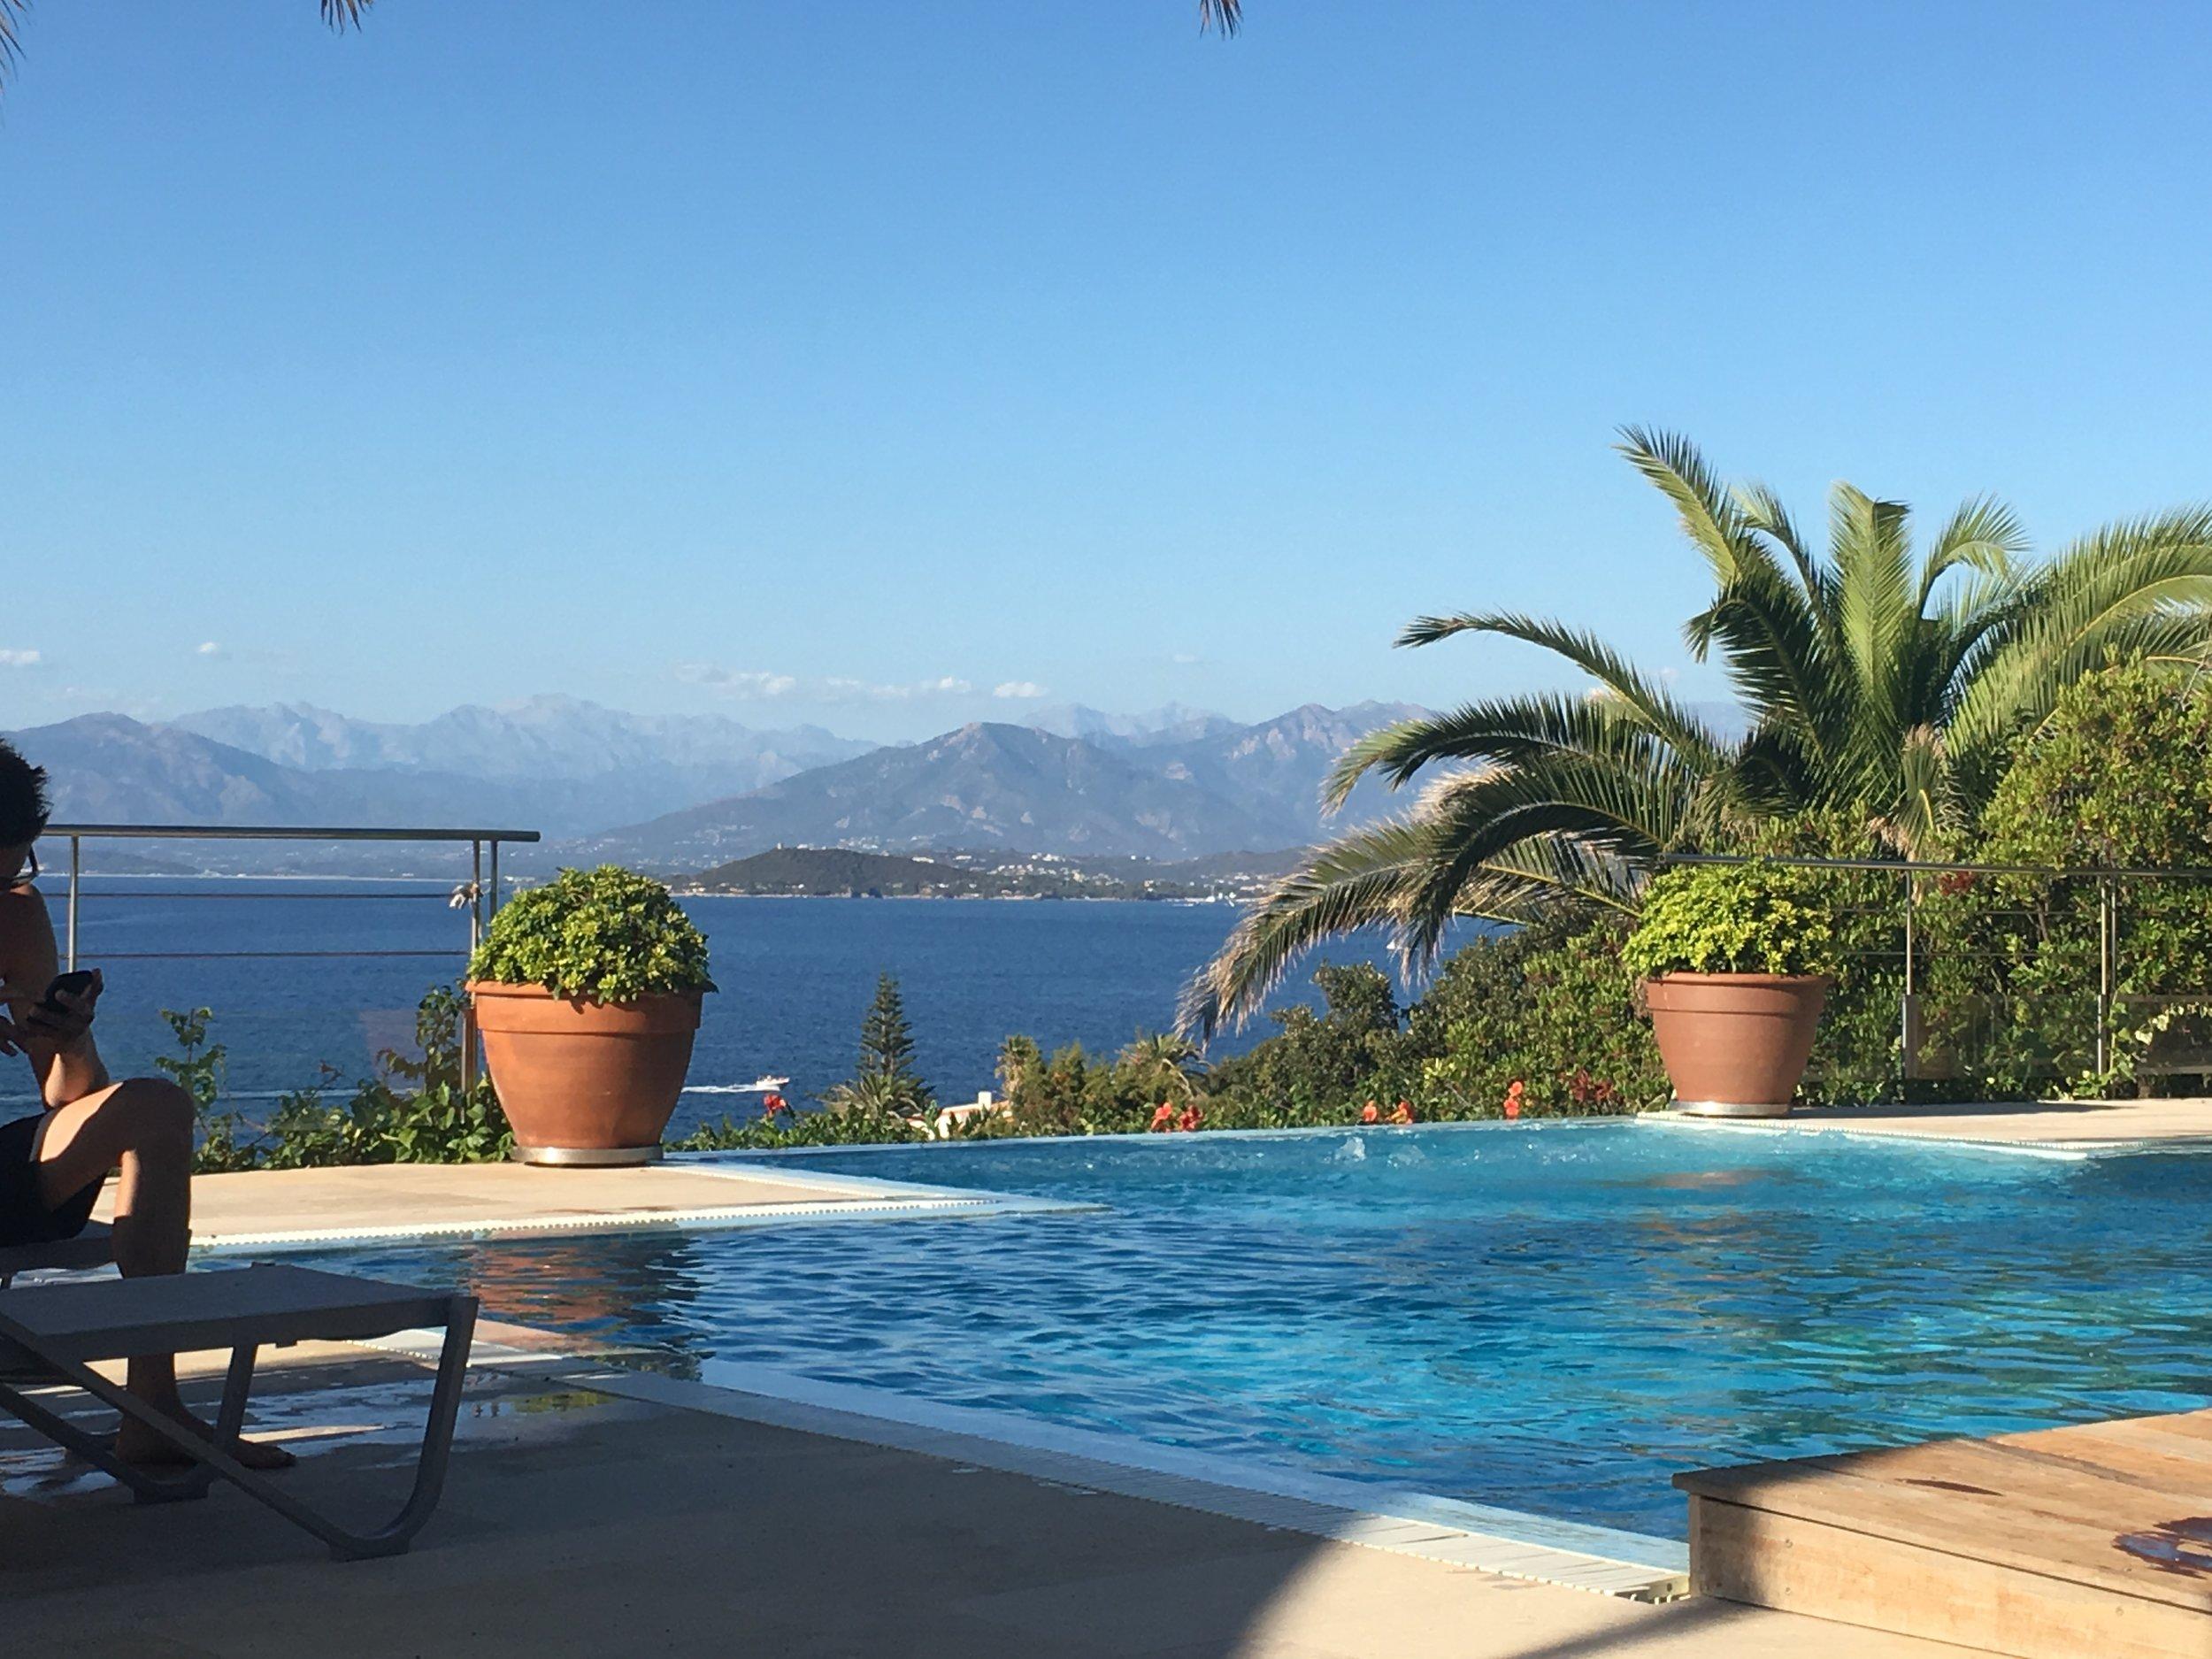 Bucht von Ajaccio und Berge